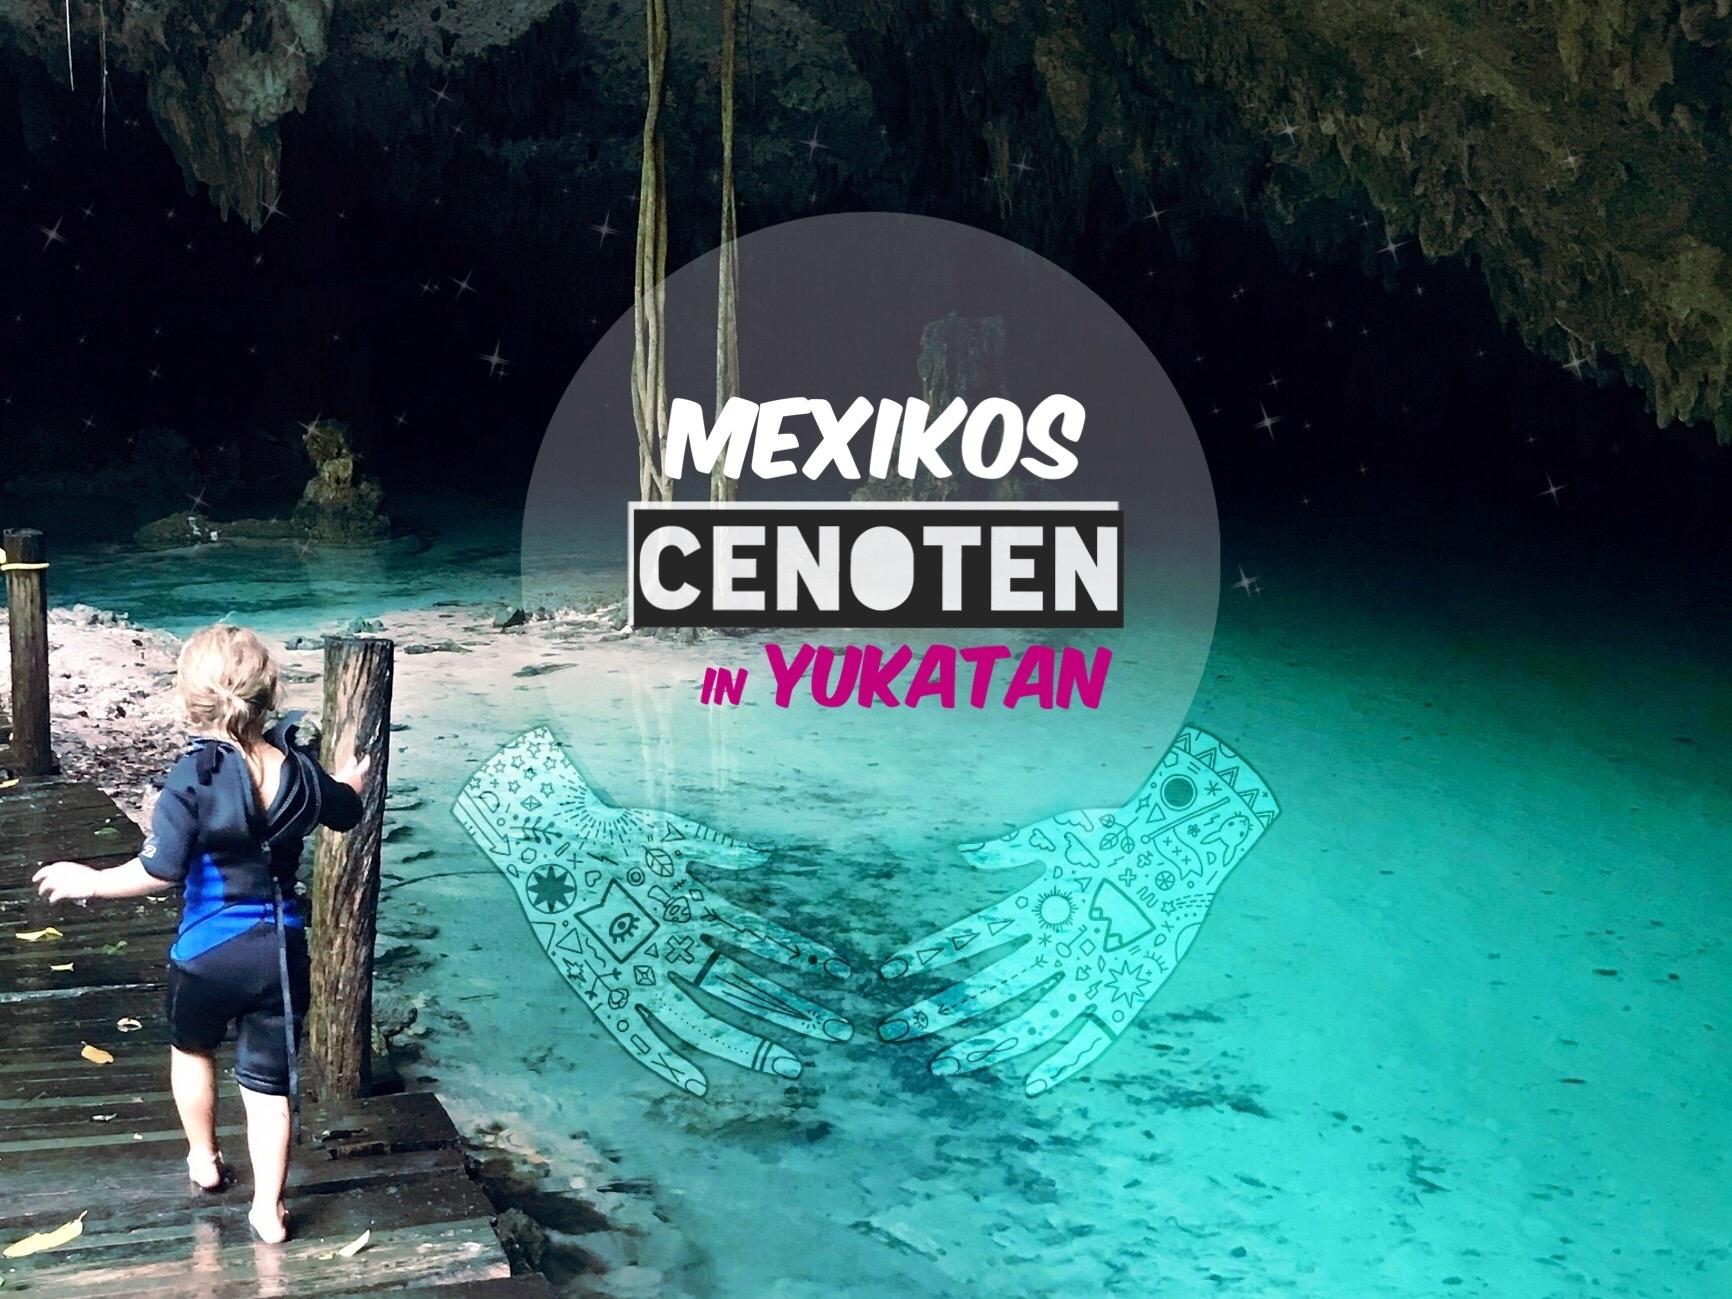 Die geheimnisvollen Cenoten auf der Yucatán-Halbinsel, heilige Höhlen und Tor zur Unterwelt der Maya